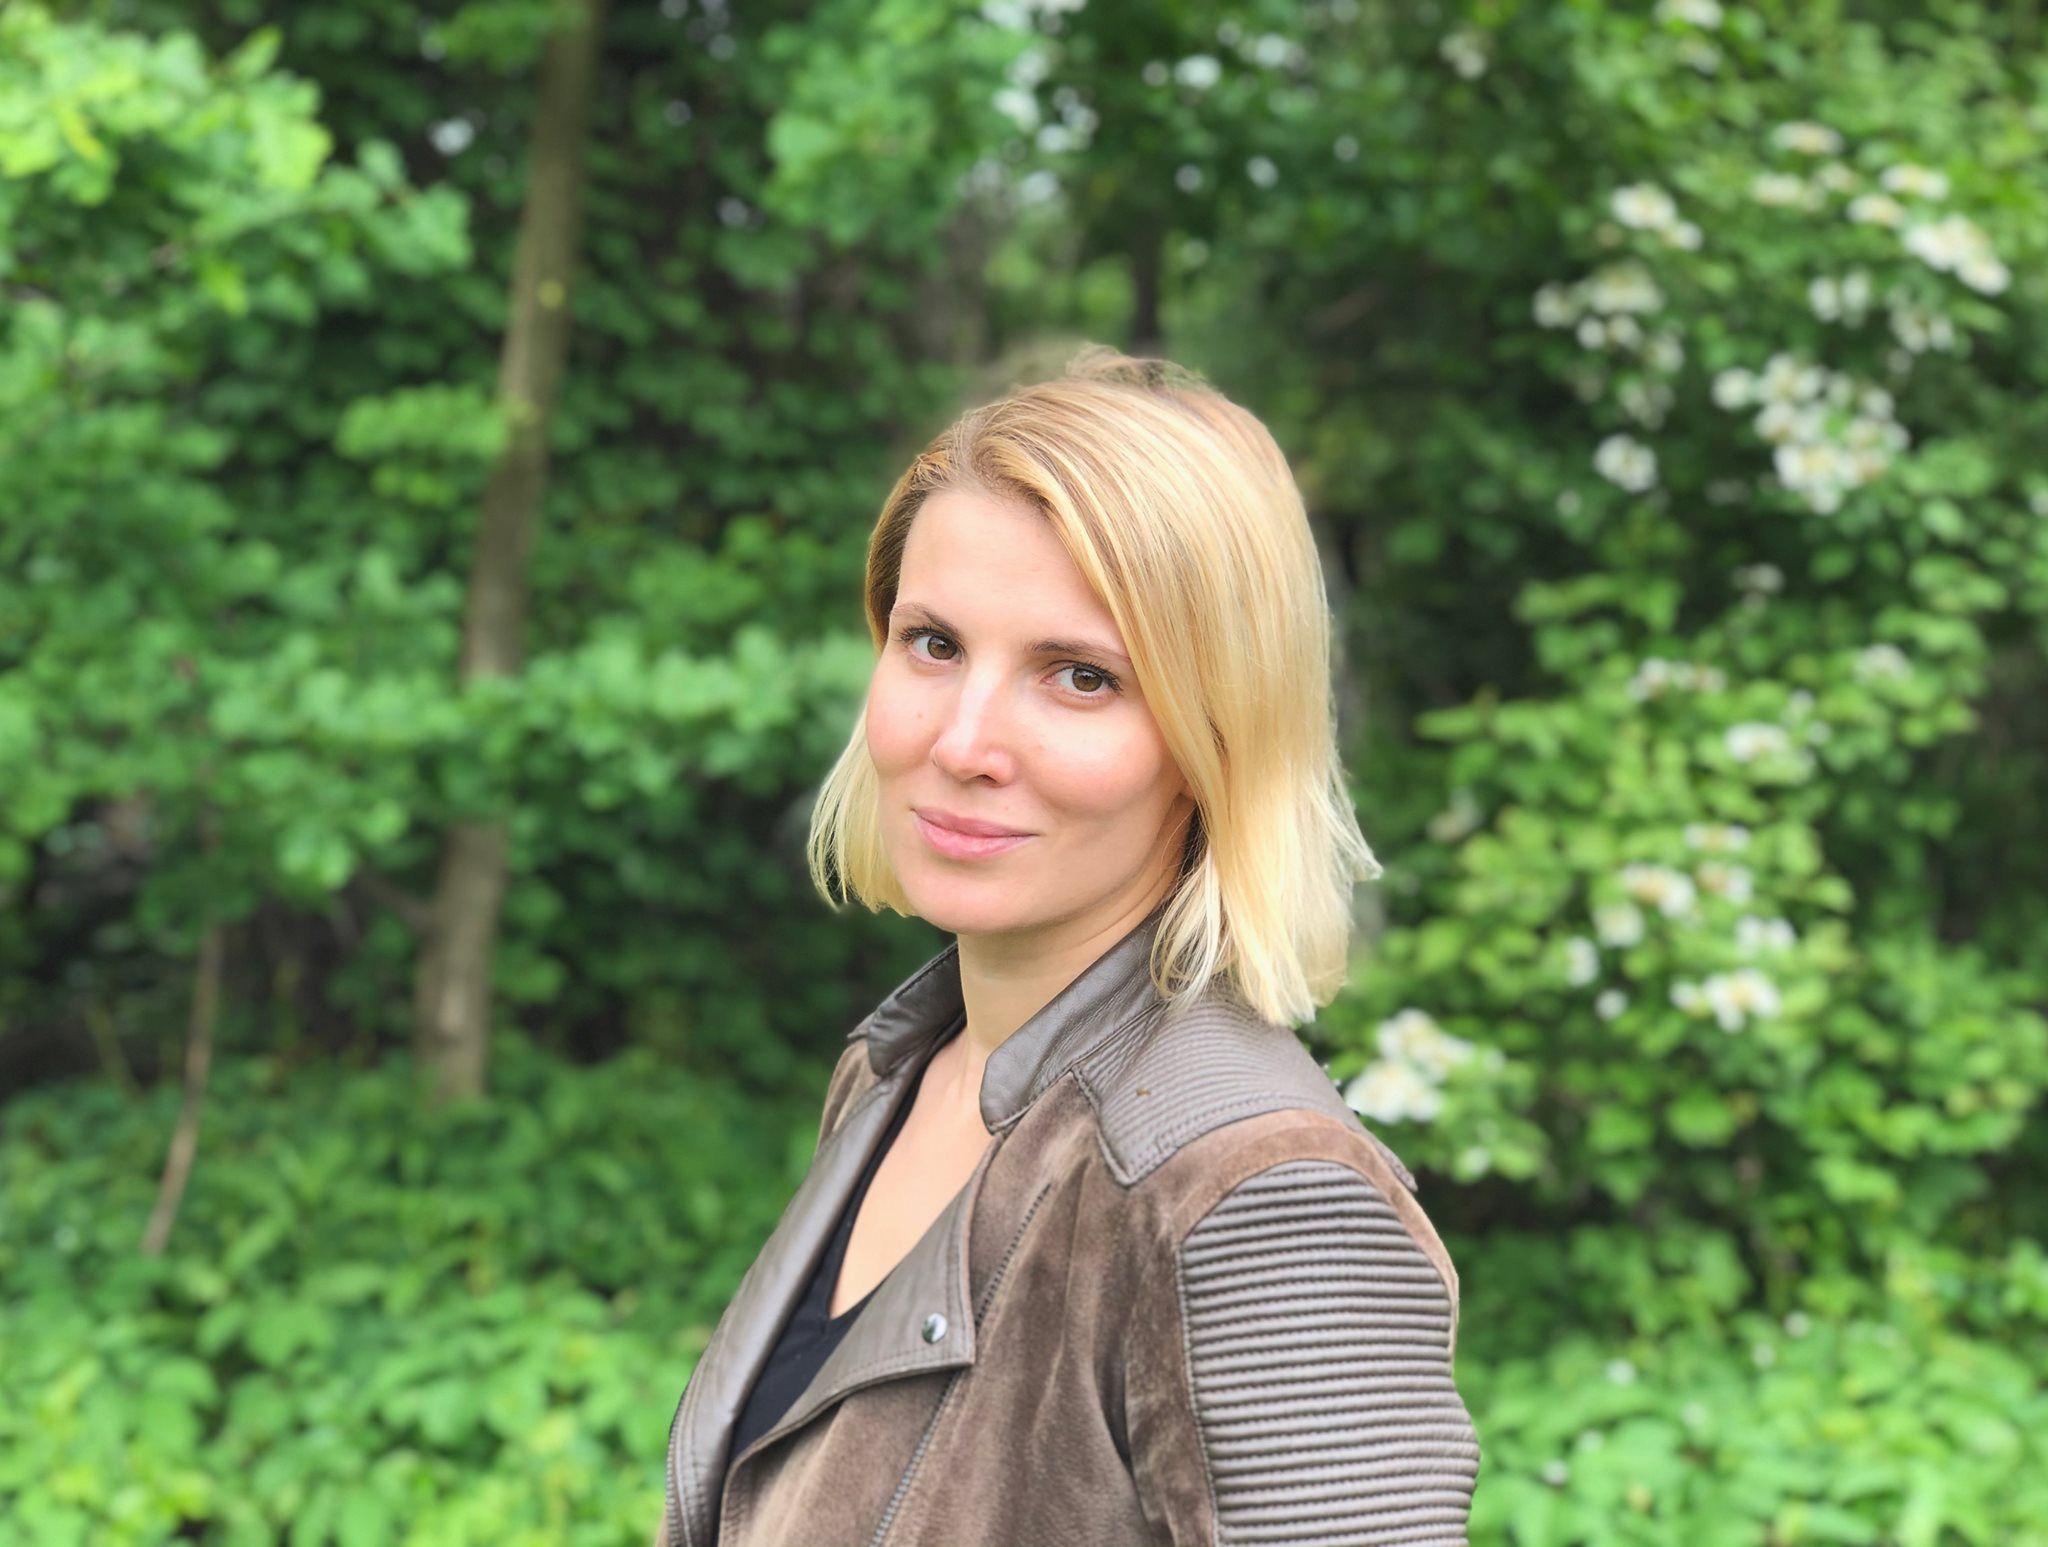 Любов Цибульська очолить Центр стратегічних комунікацій та інформбезпеки (ДОПОВНЕНО)